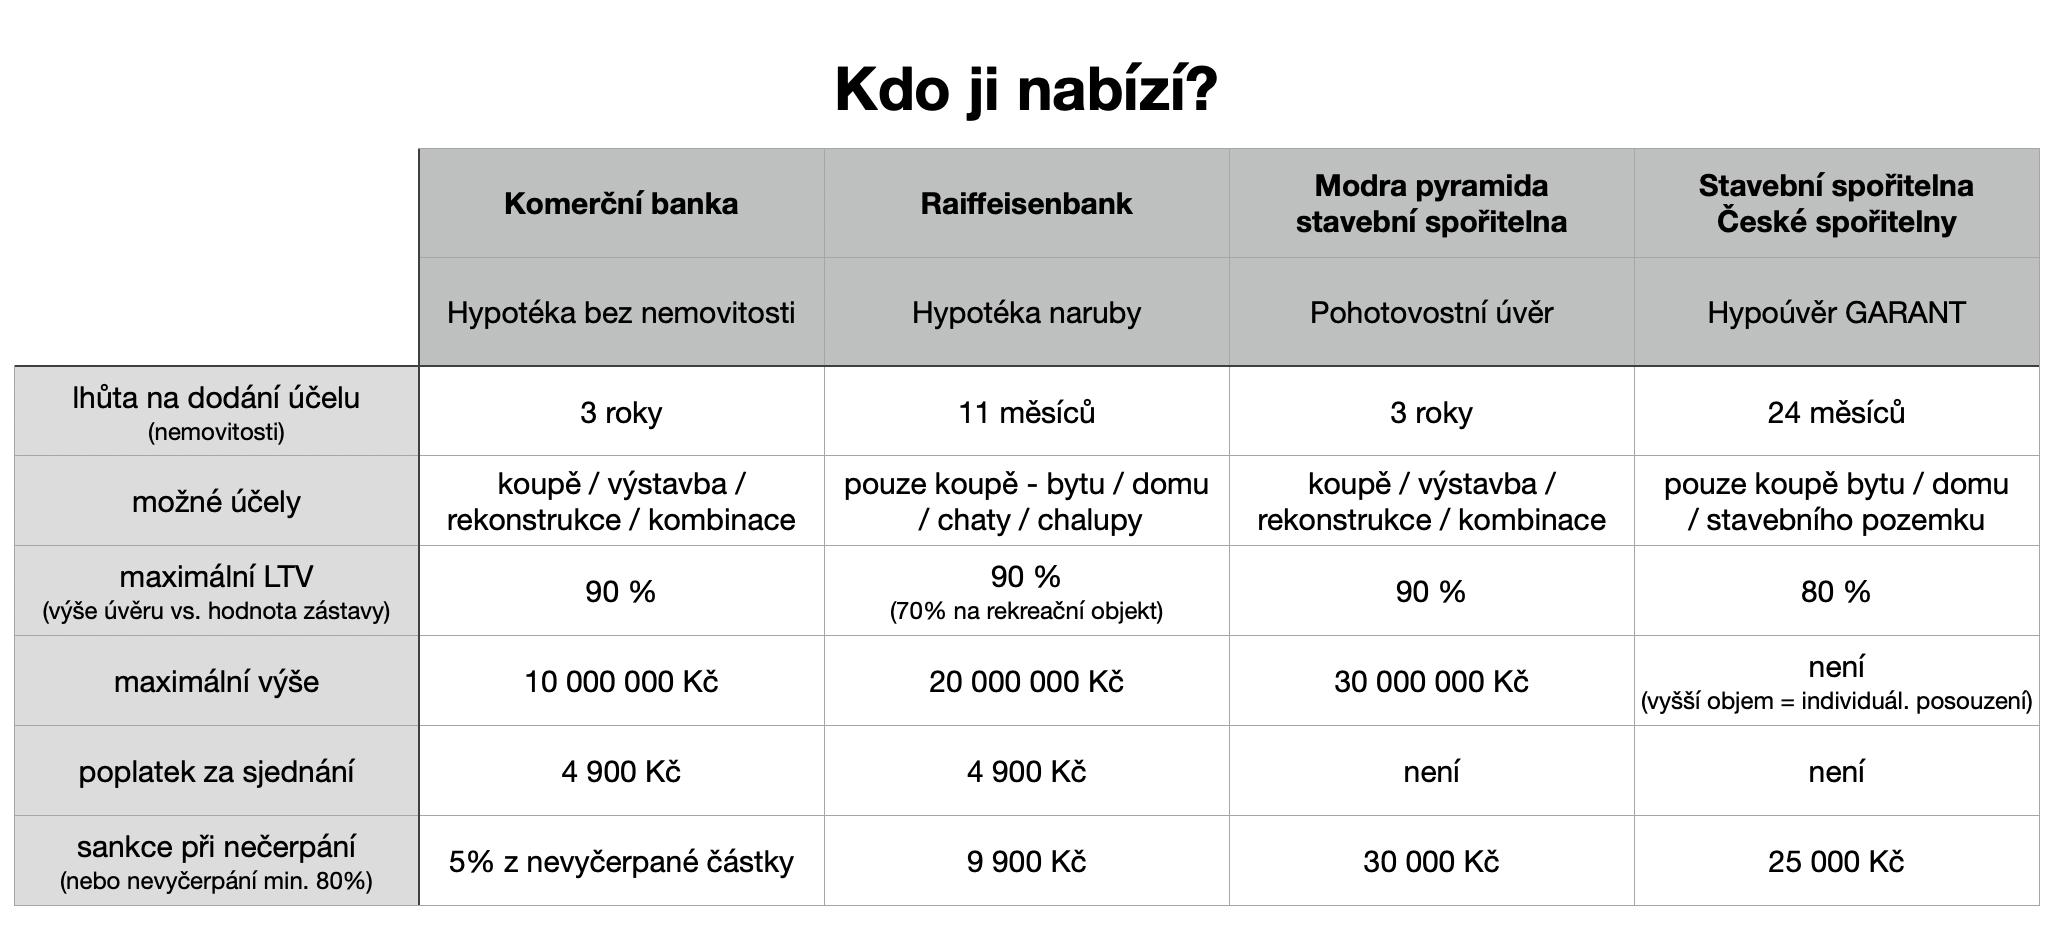 Hypotéka bez nemovitosti - tabulka